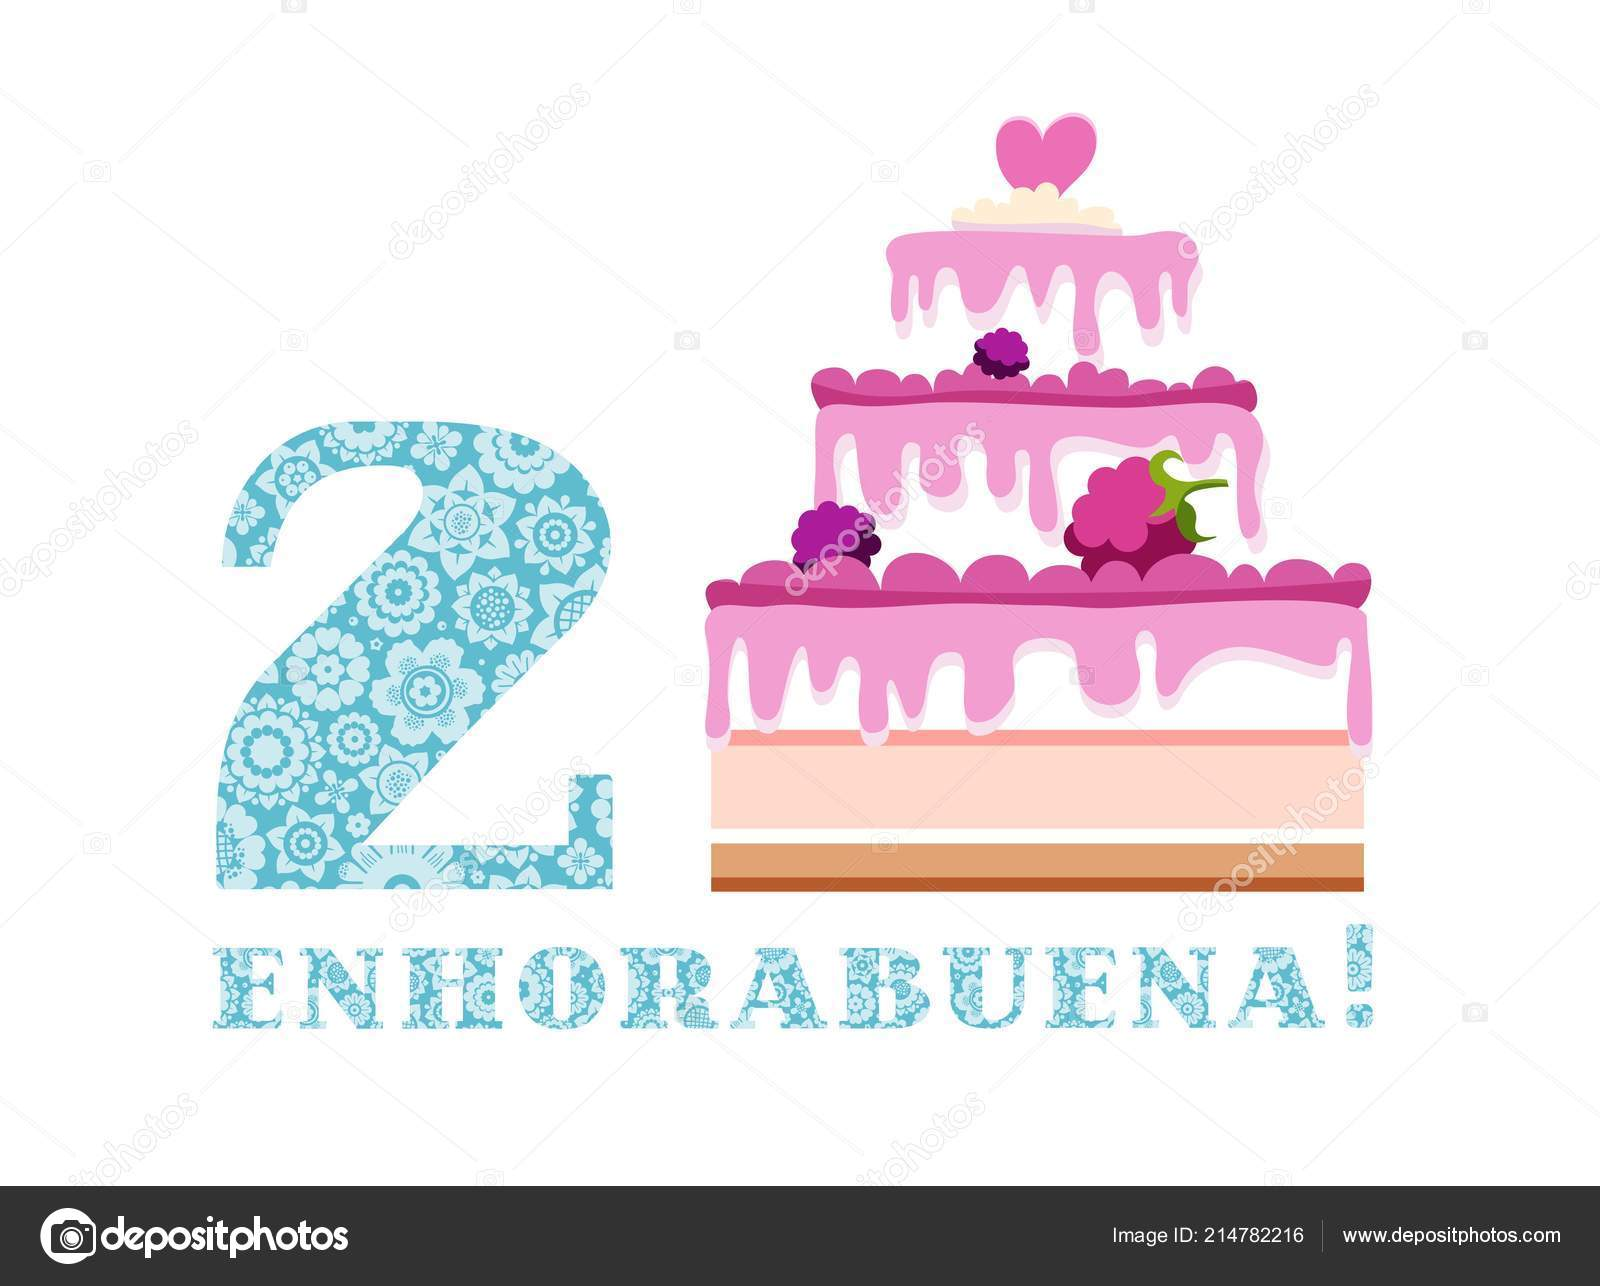 Geburtstag Grusse Beere Jahre Kuchen Spanisch Weiss Blau Vektor Alles